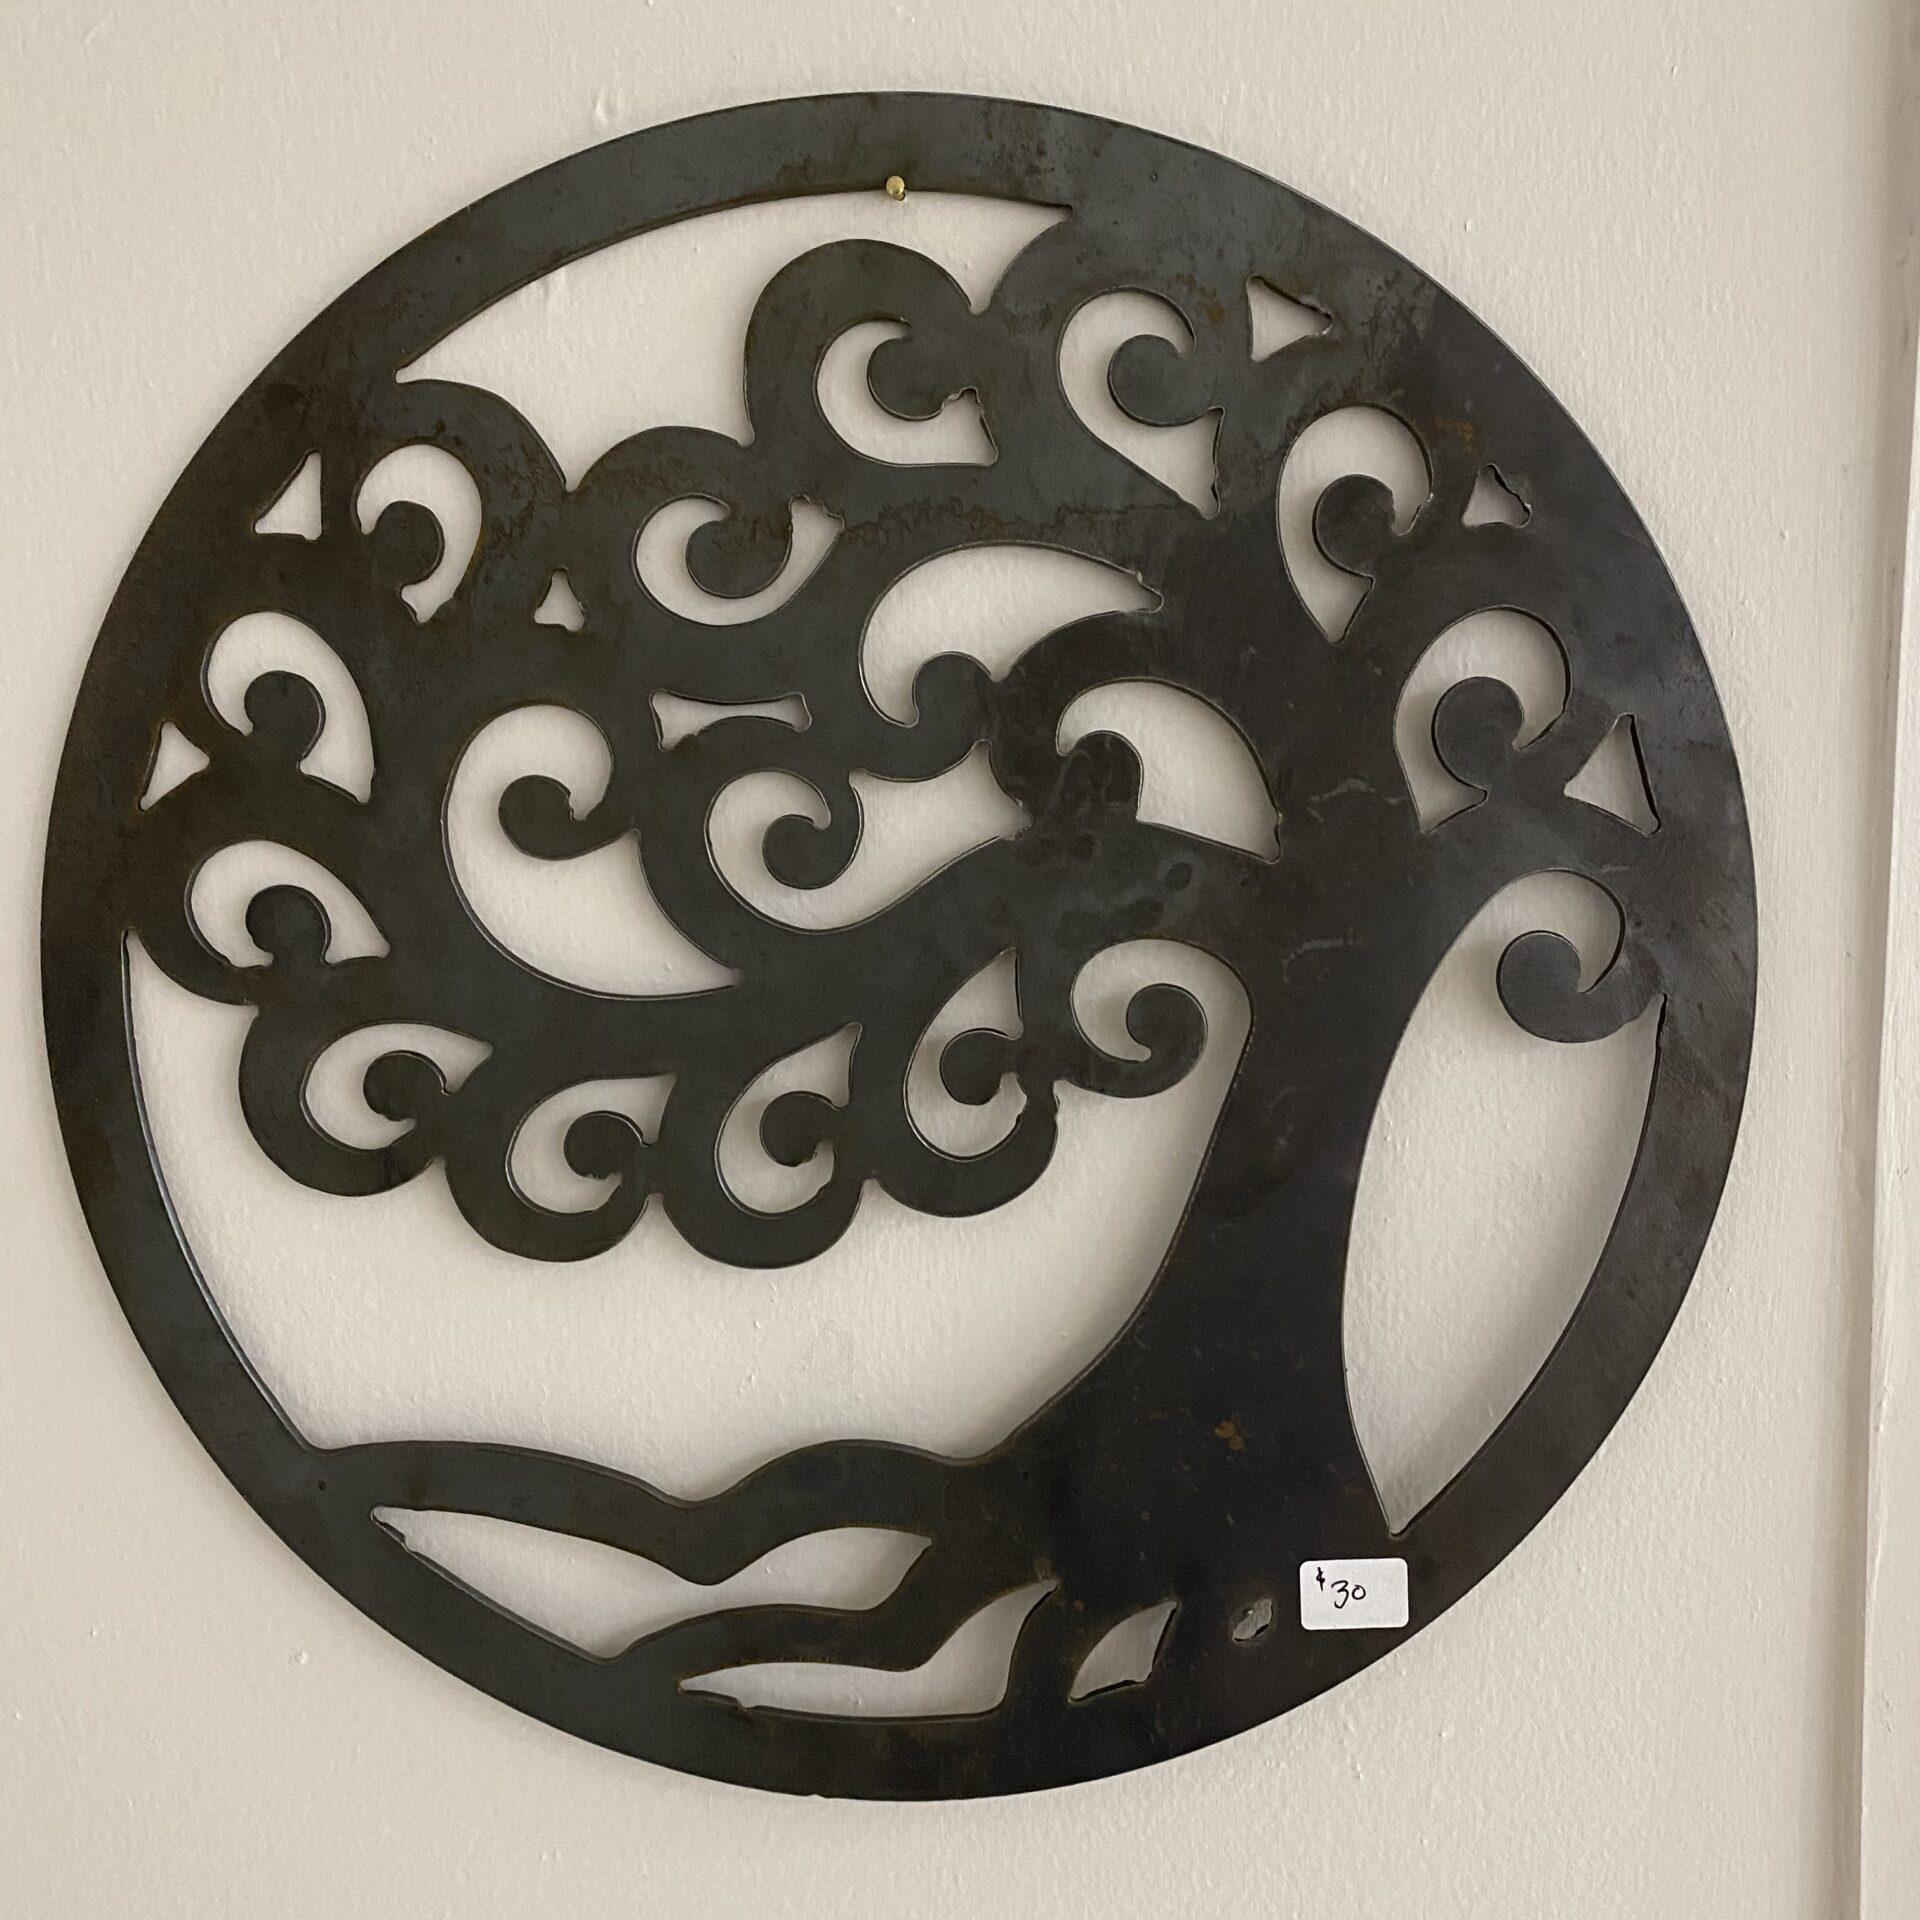 Metal Art at Welding Shop 12928 Lowden Ln. Austin, Texas 78652